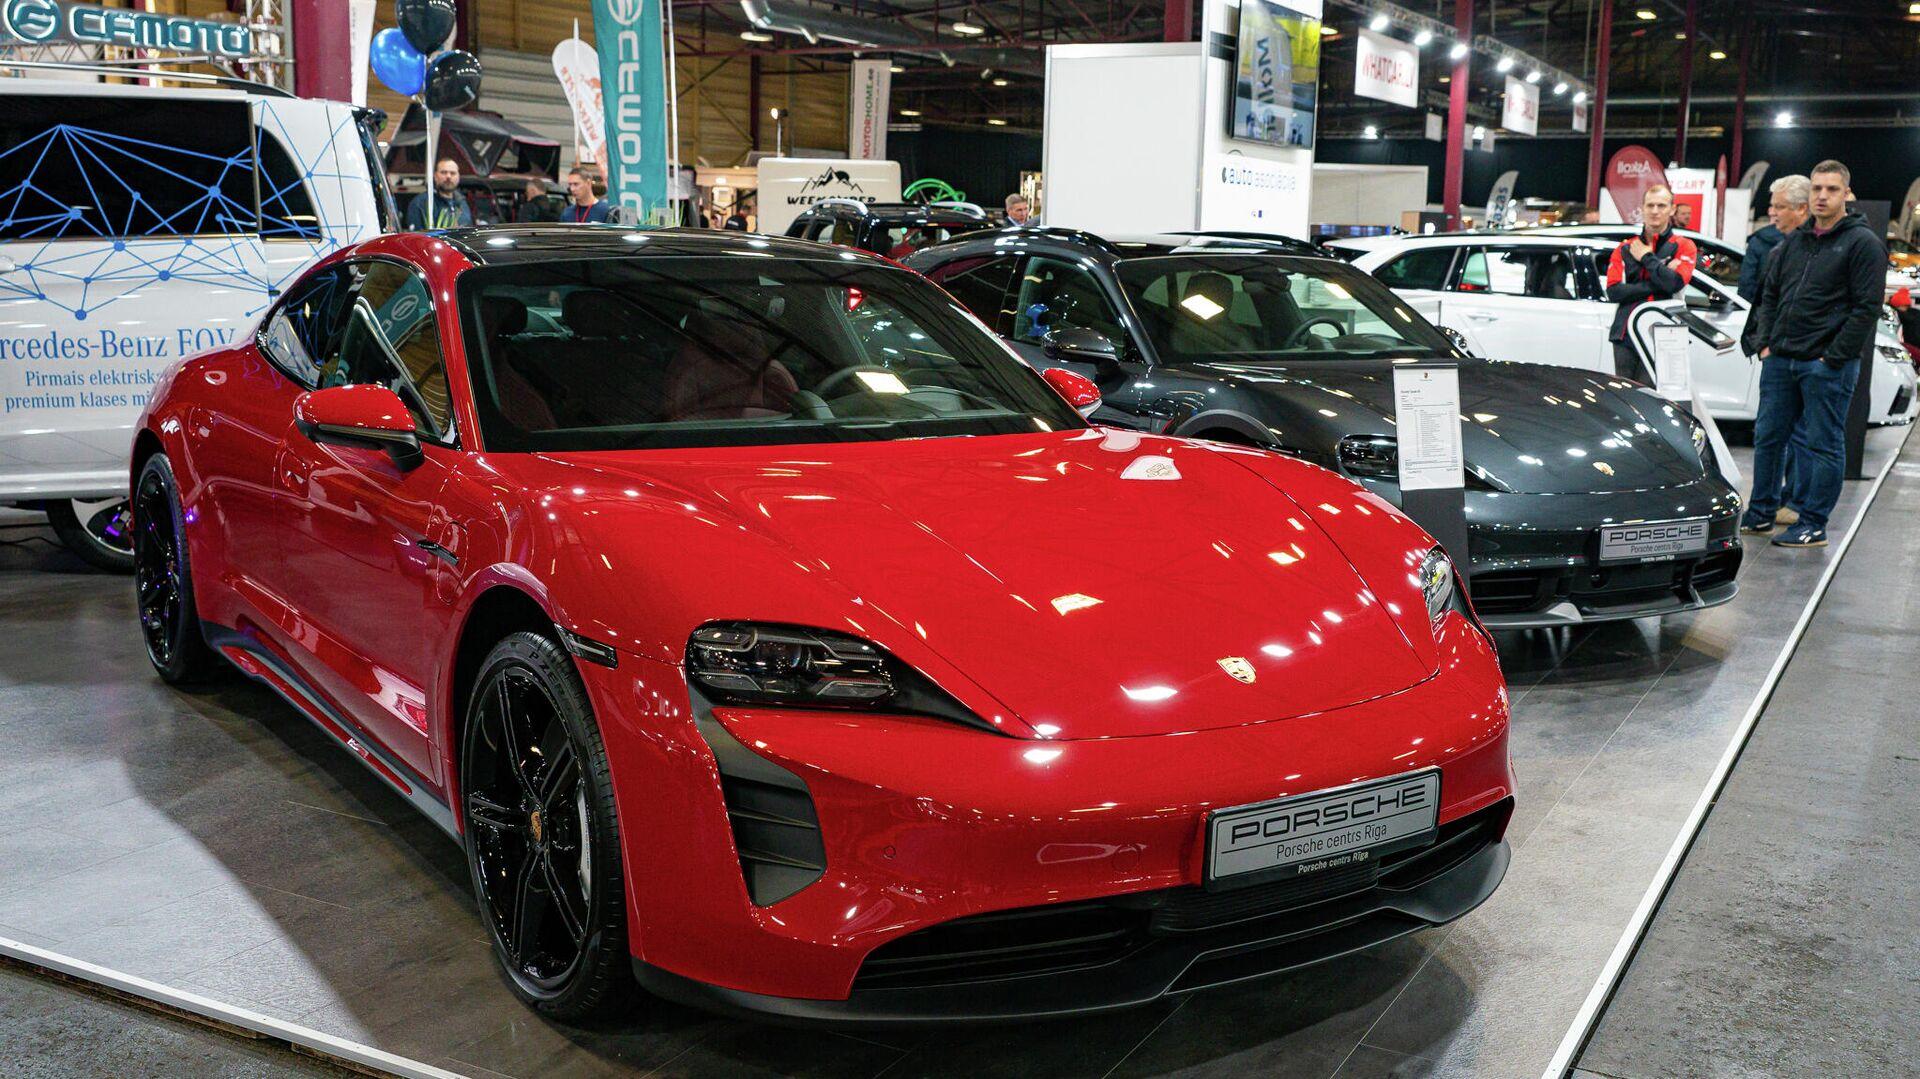 Спортивные автомобили Porsche так же доступны с электродвигателями. На фото Porsche Taycan 4s стоимостью больше 100 тыс. евро - Sputnik Латвия, 1920, 25.09.2021